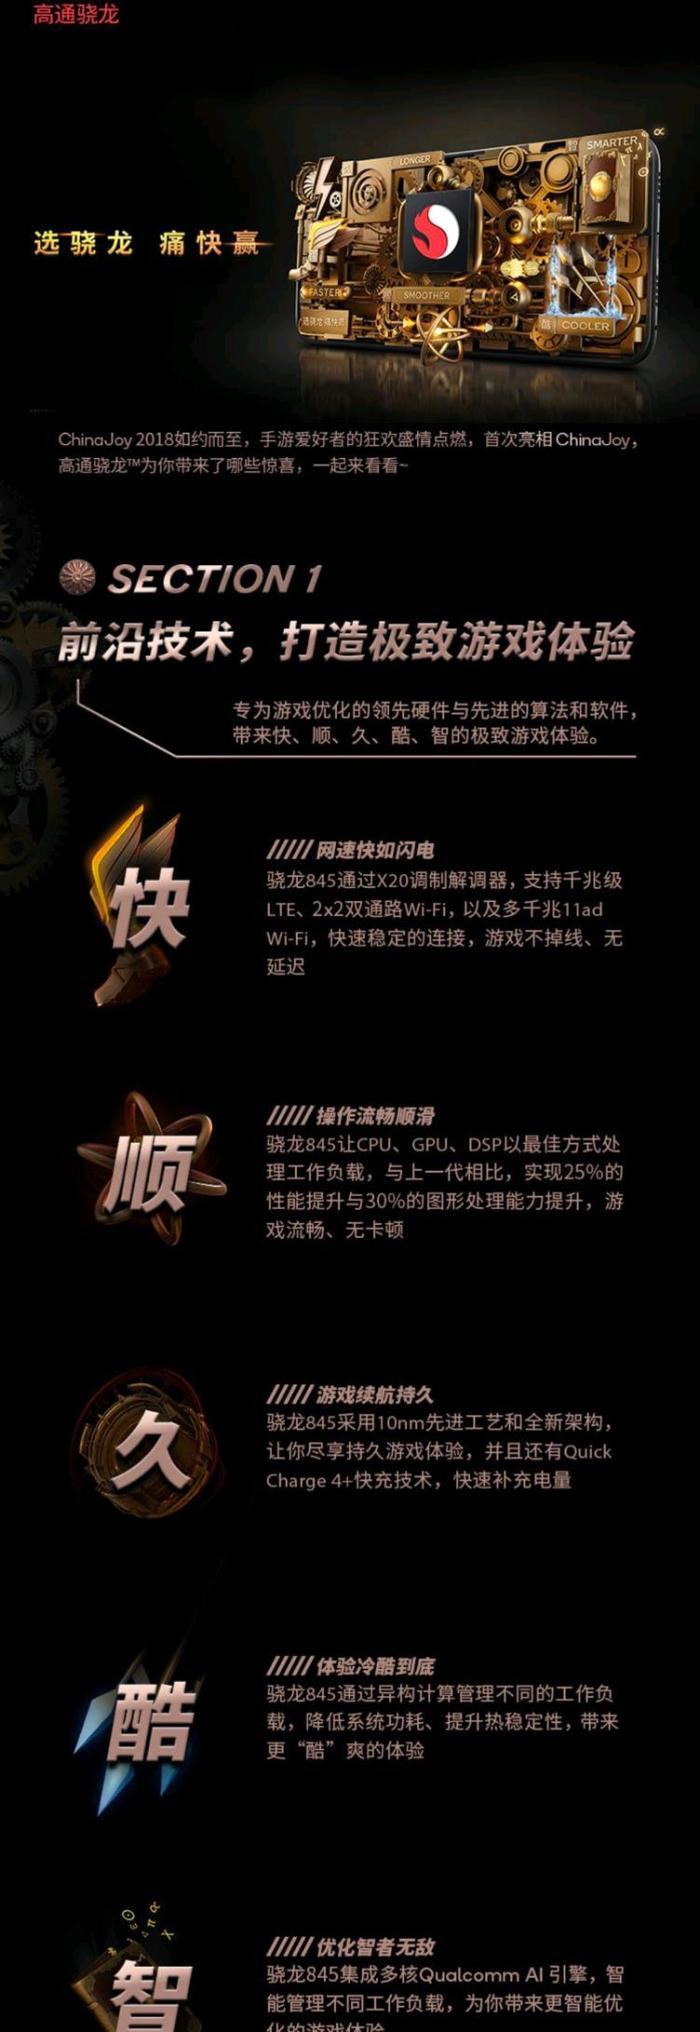 """高通首秀China Joy 骁龙845助力游戏体验不再""""吊车尾"""""""